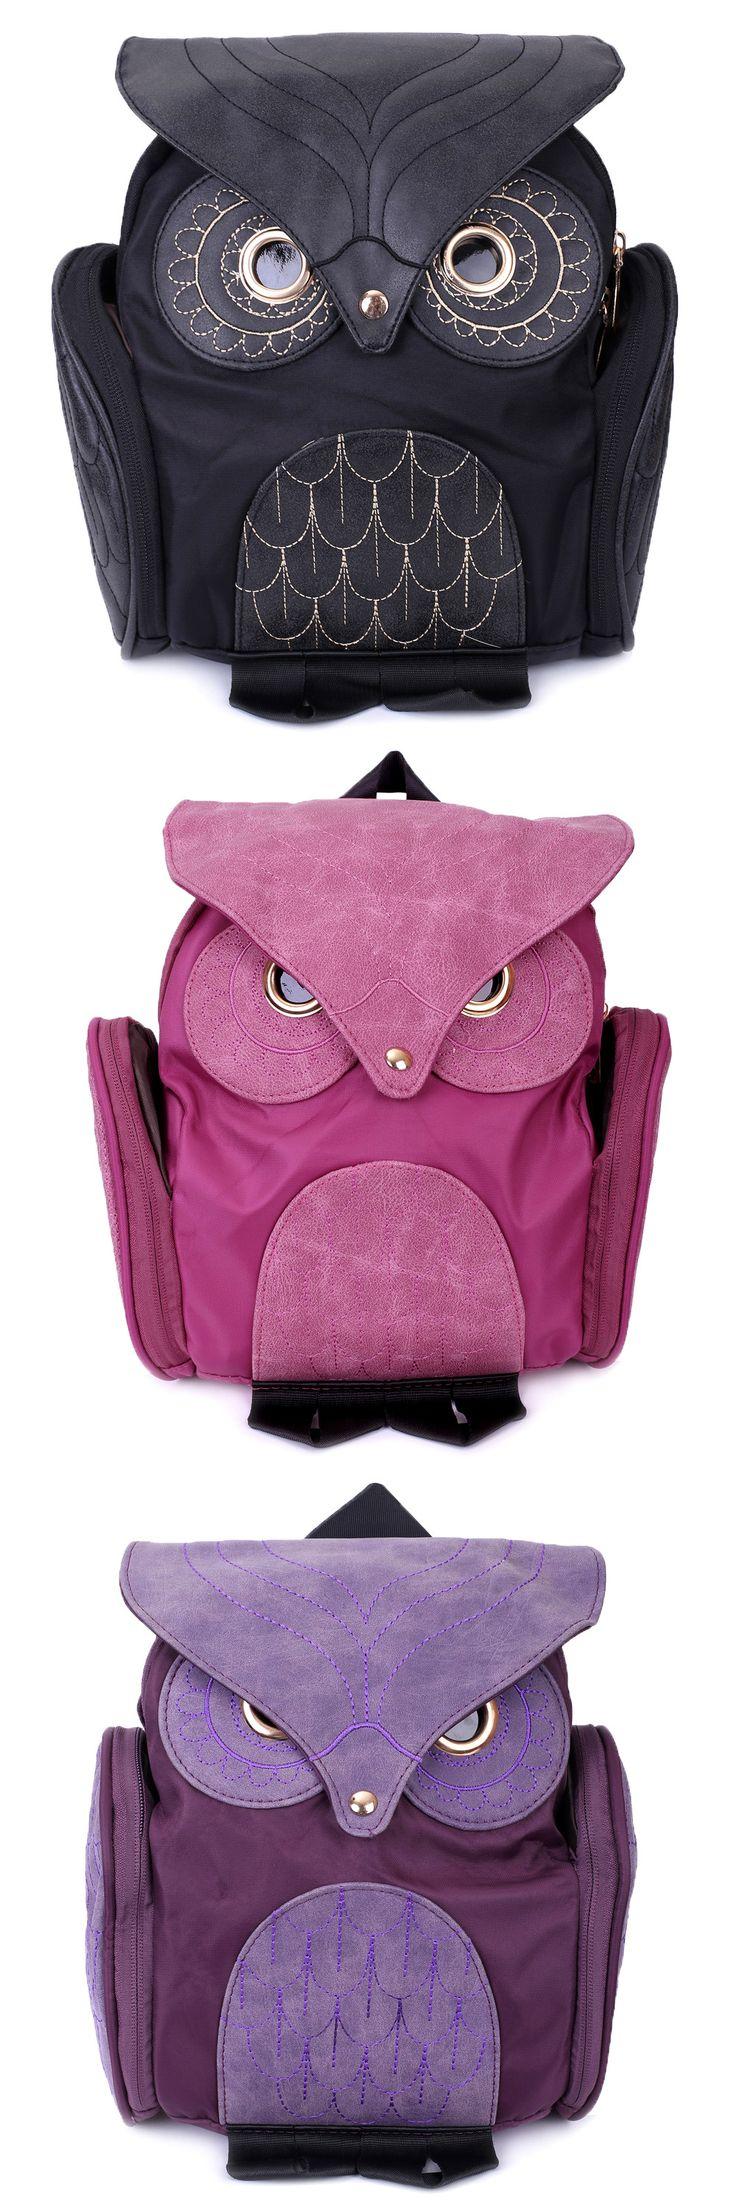 Stylish Owl Shape Solid Color Design Women Shoulder Satchel